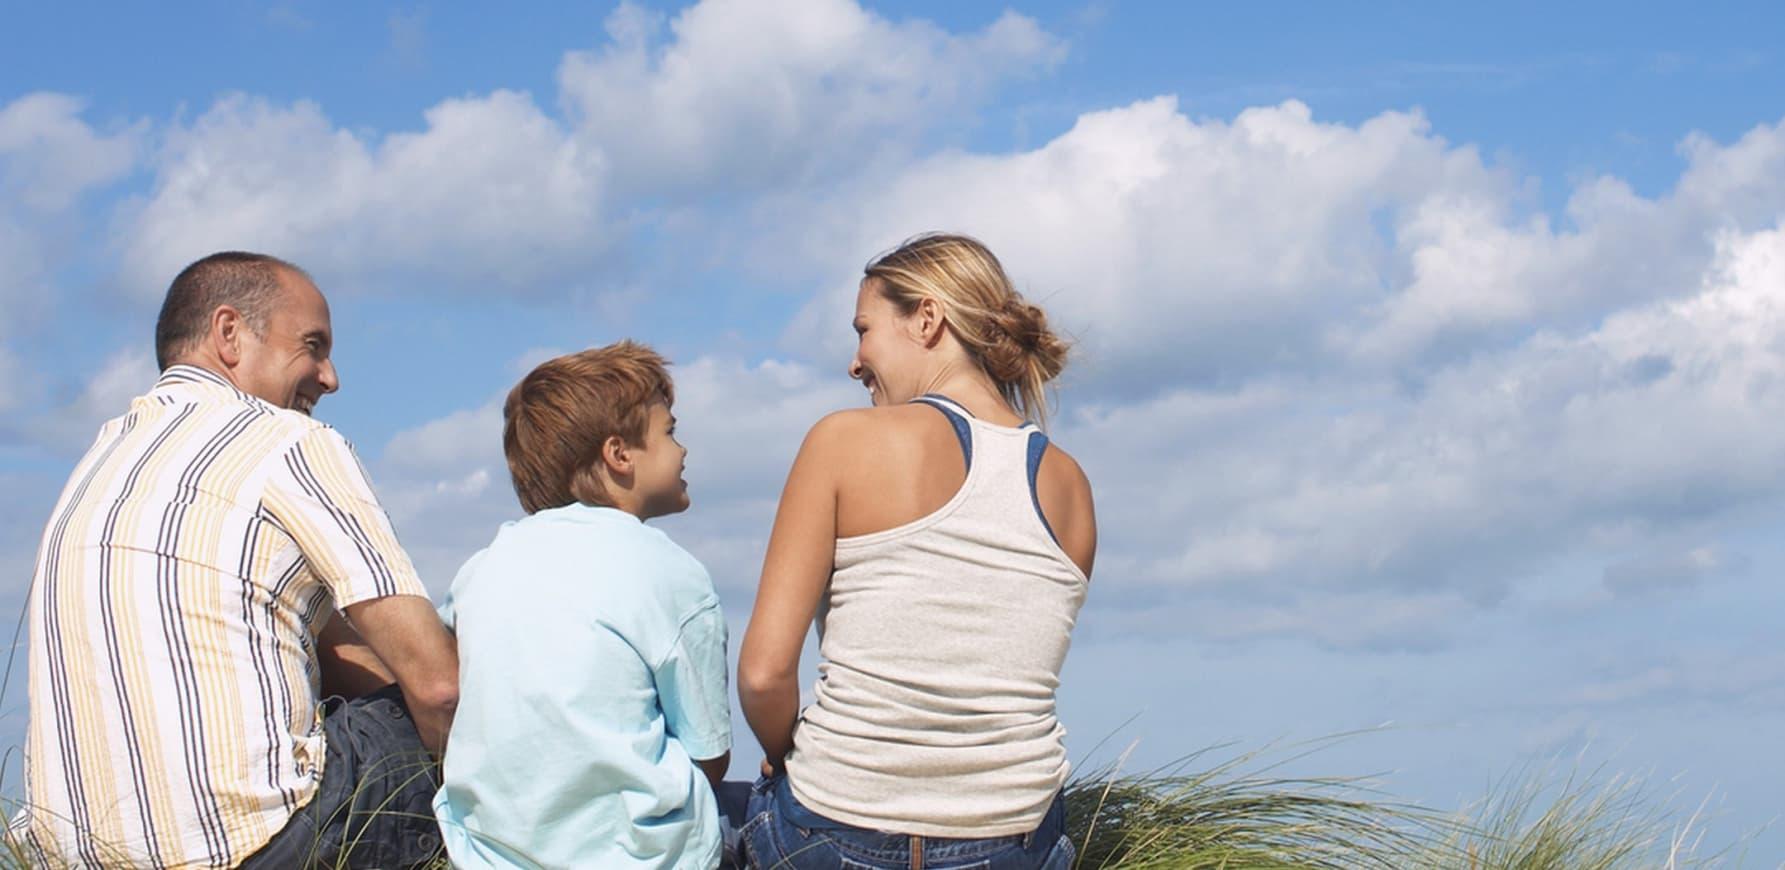 Familiezeiltocht met coronamaatregelen